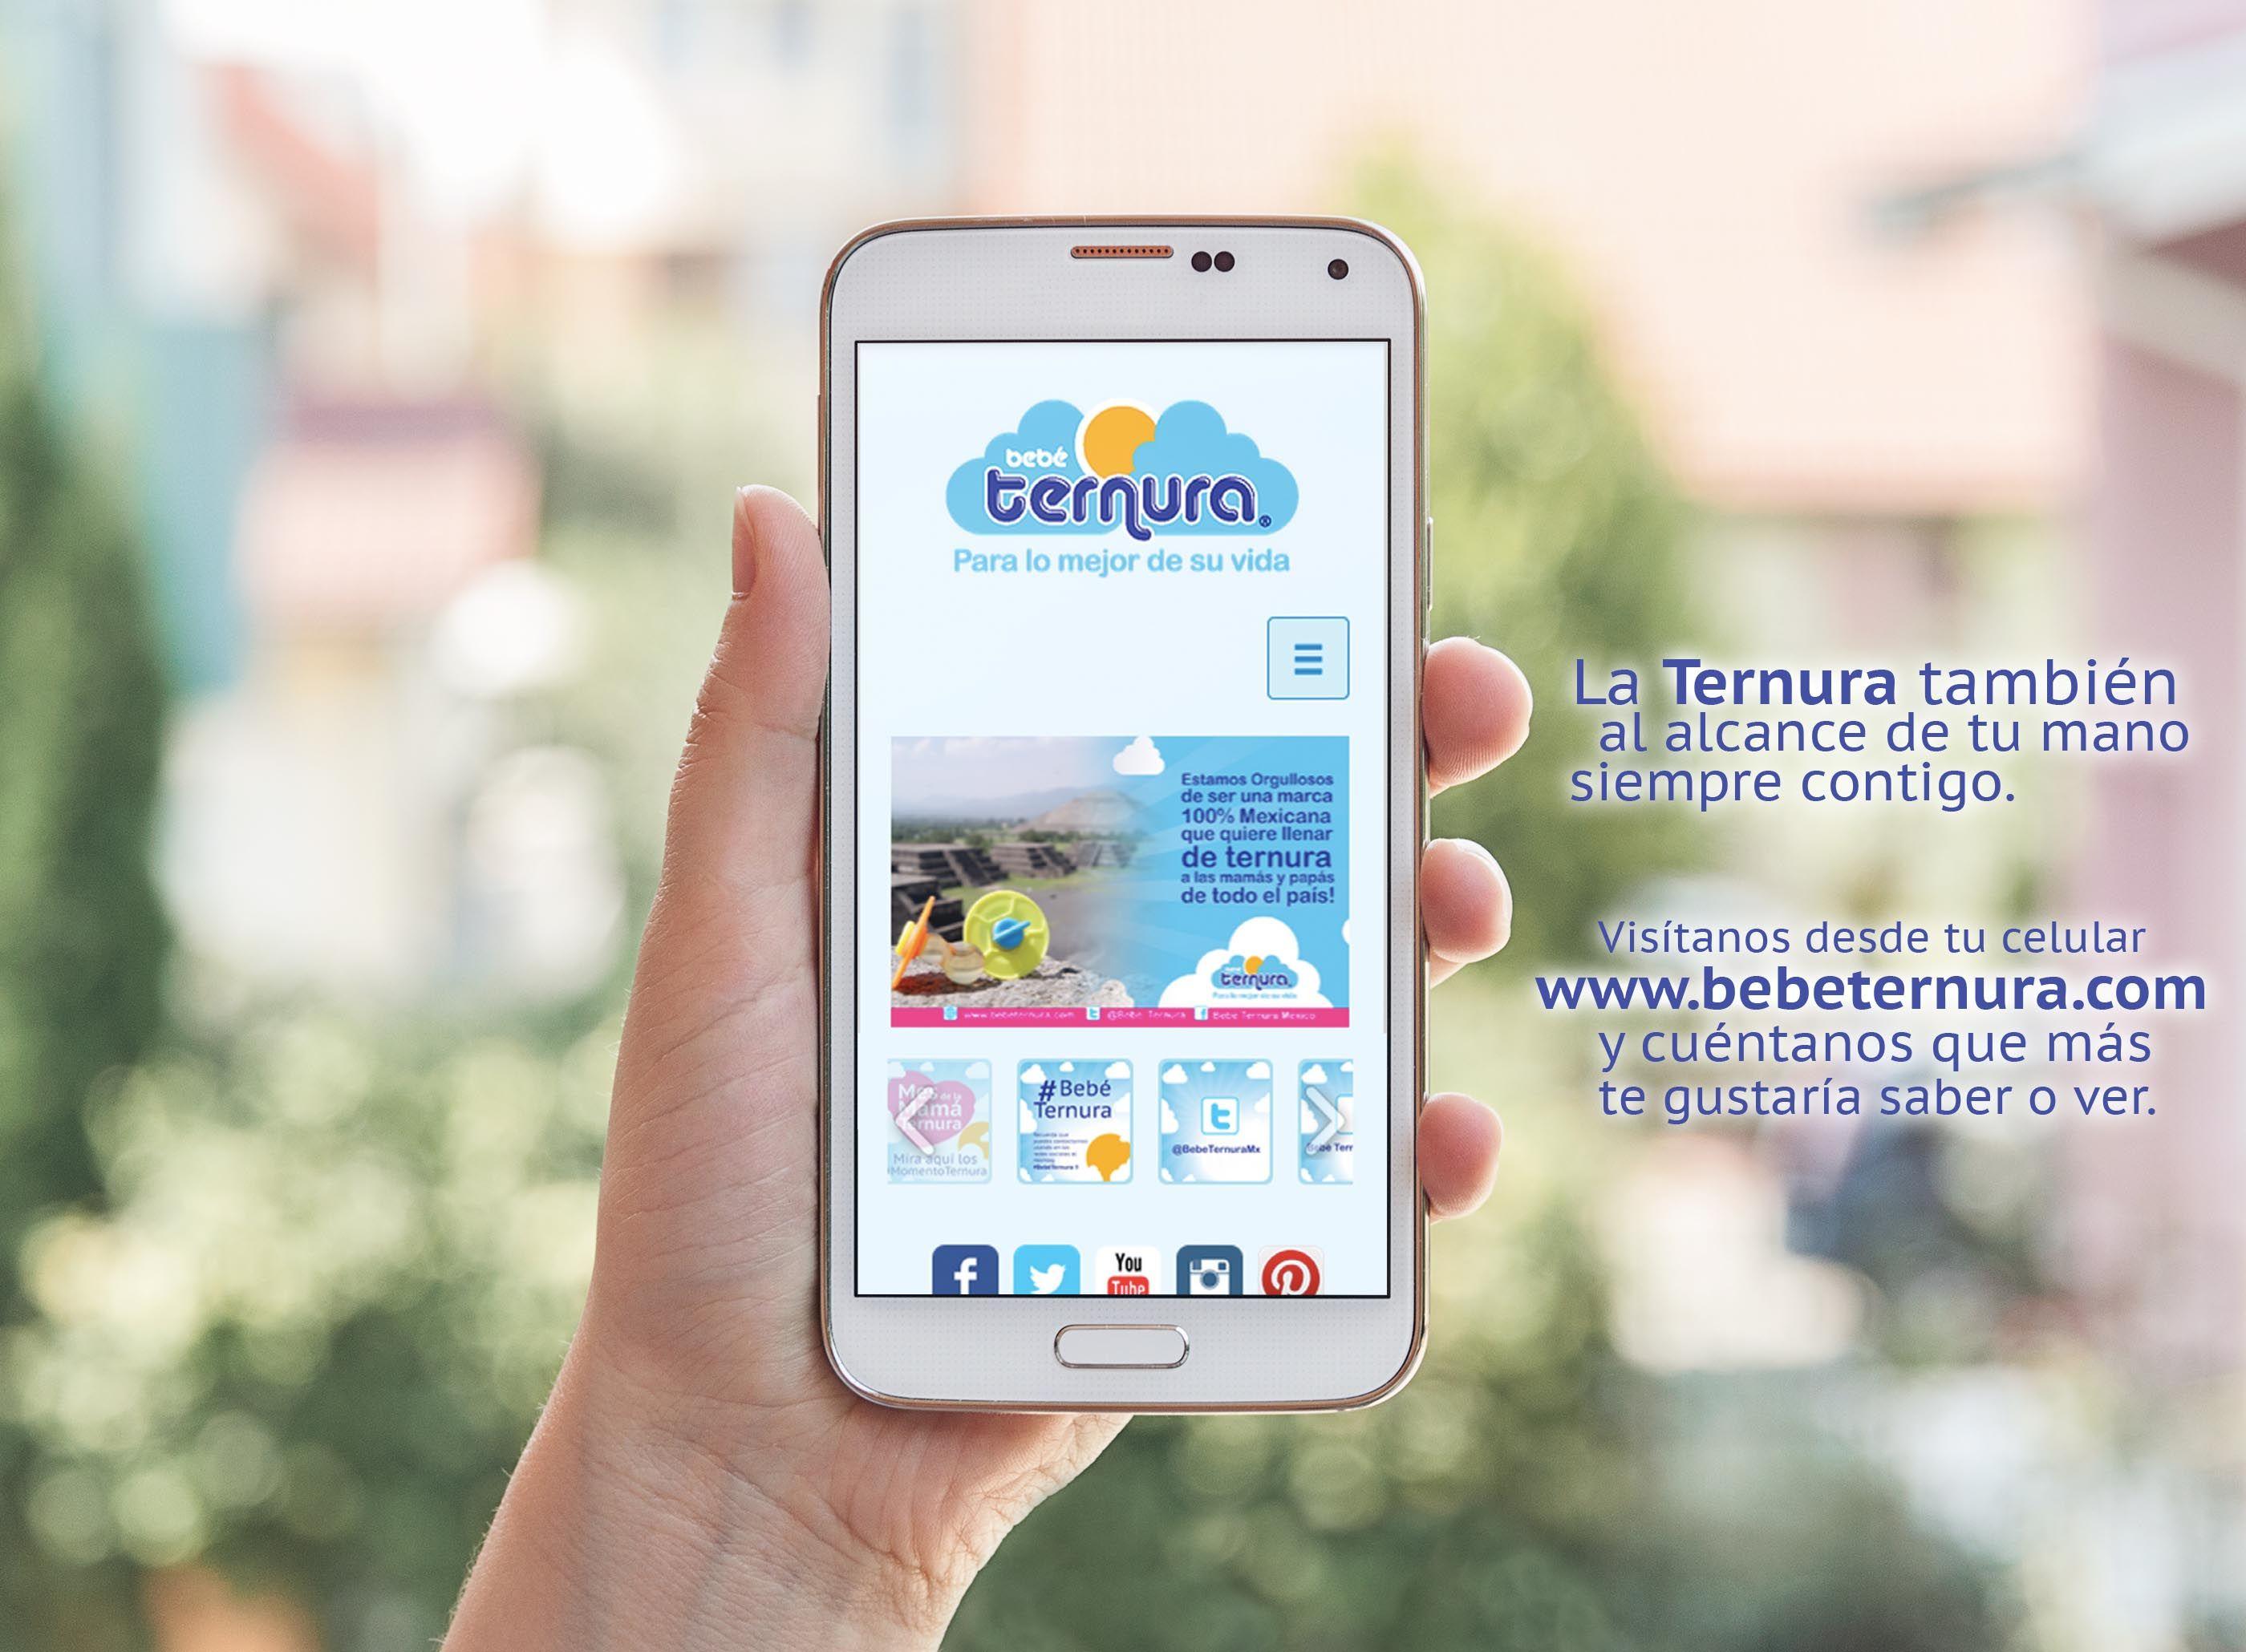 La Ternura al alcance de tu mano, visítanos desde tu celular en www.bebeternura.com, y coméntanos que más te gustaría saber o ver en nuestra web. :)